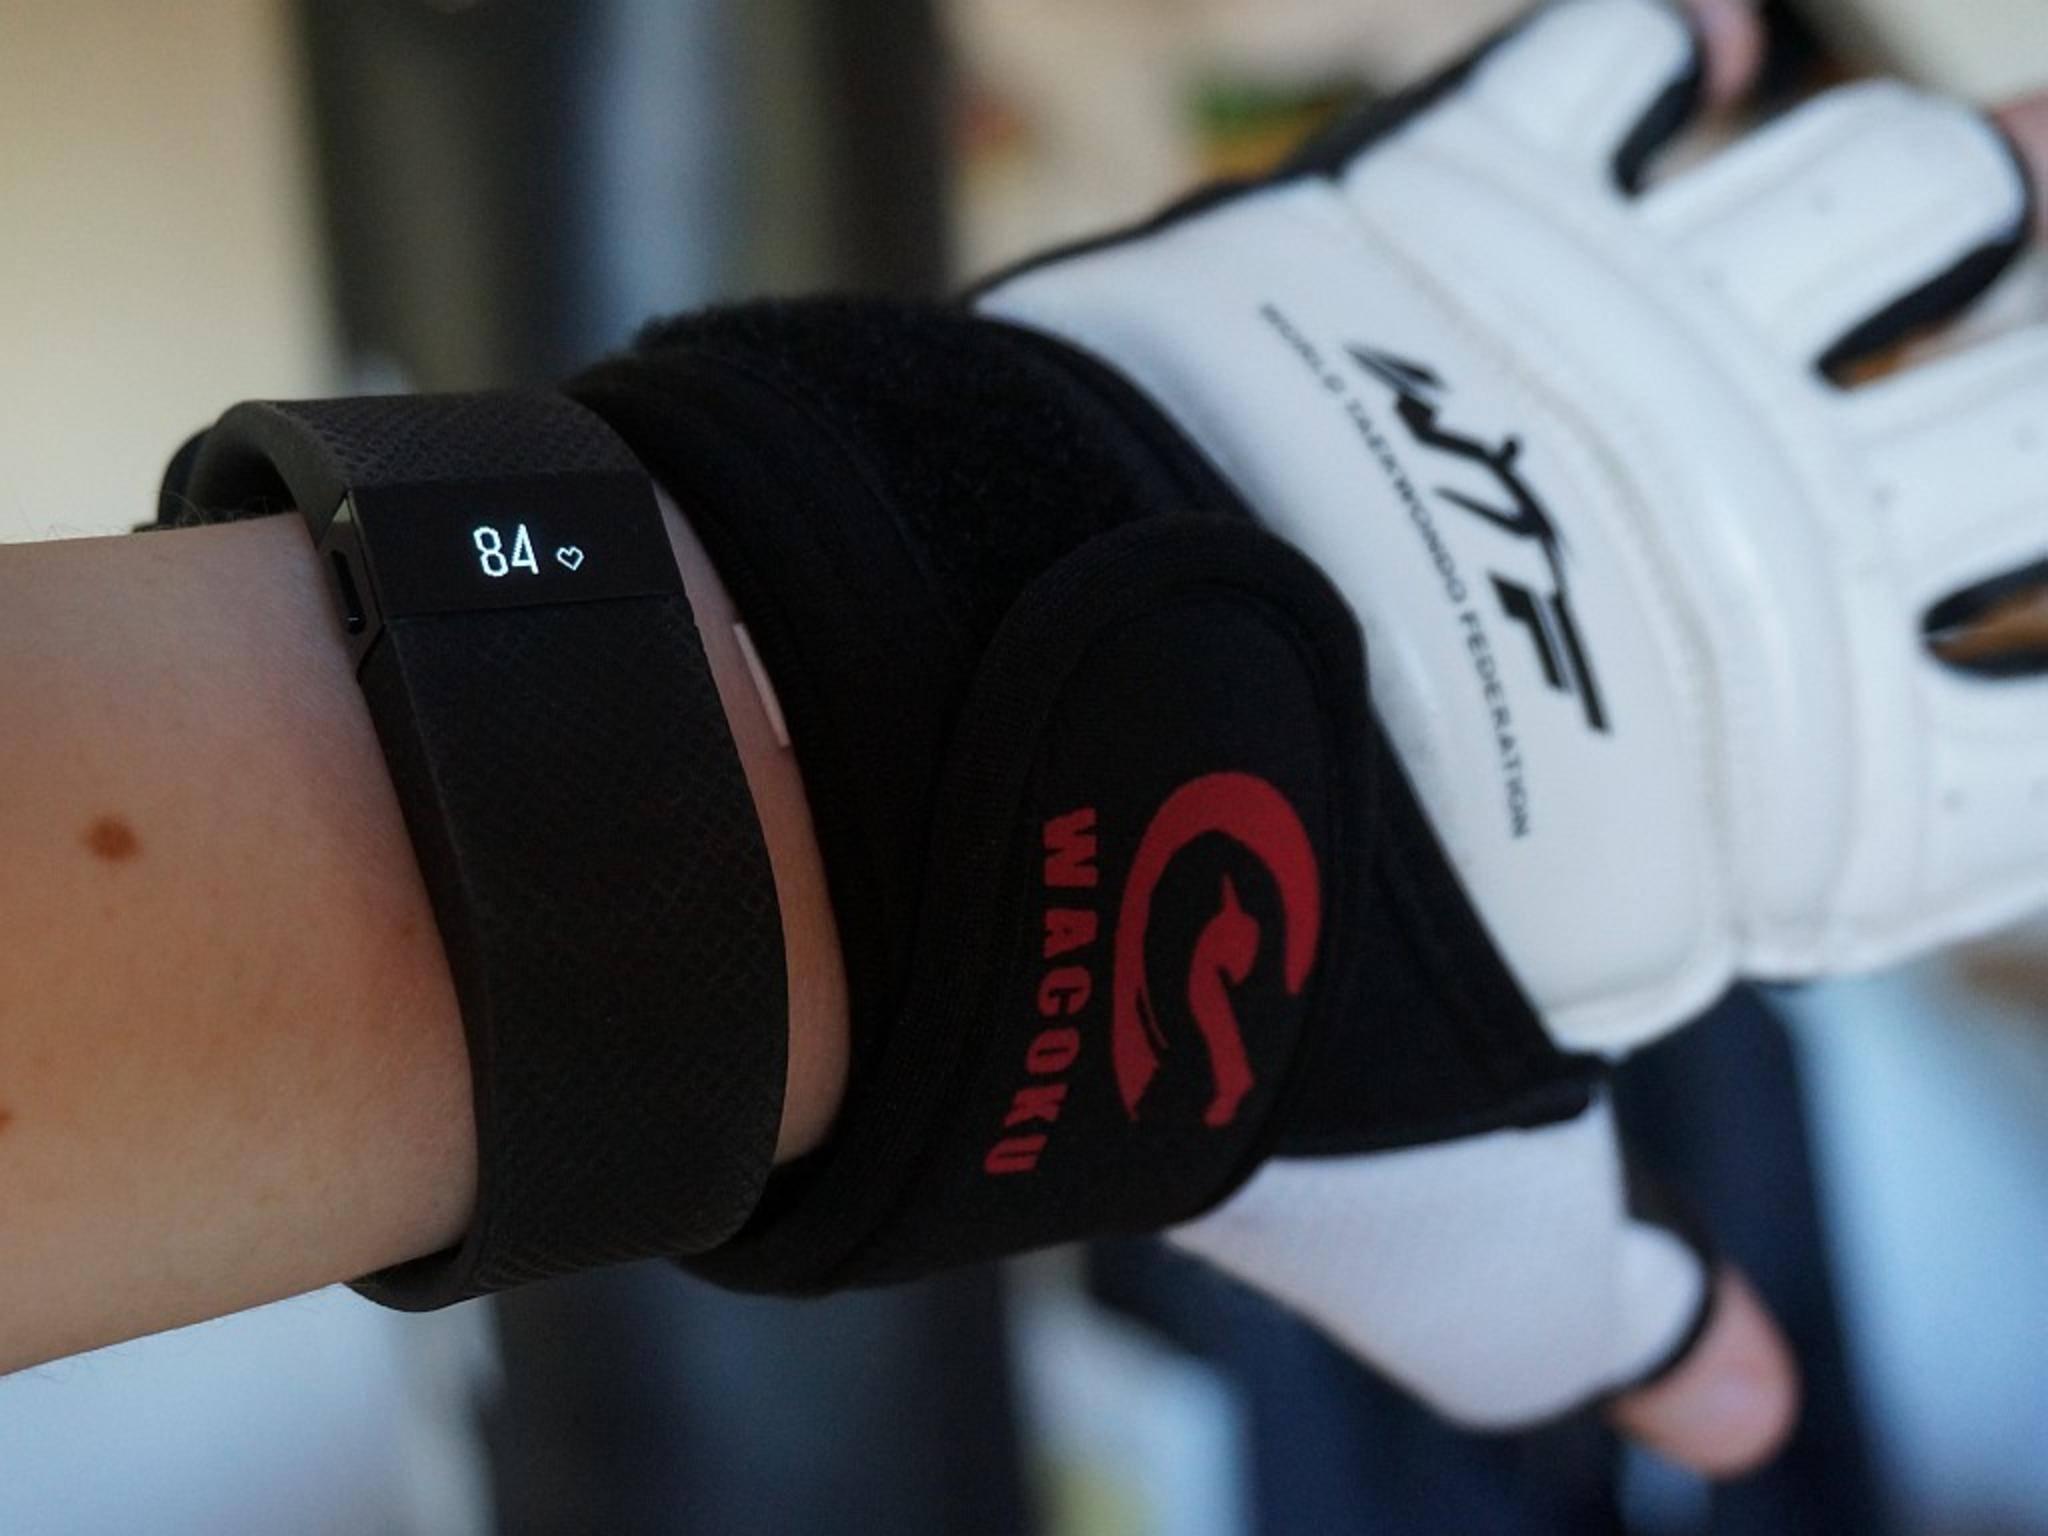 Der Fitbit Charge HR-Tracker kann beispielsweise auch Deine Herzfrequenz messen.